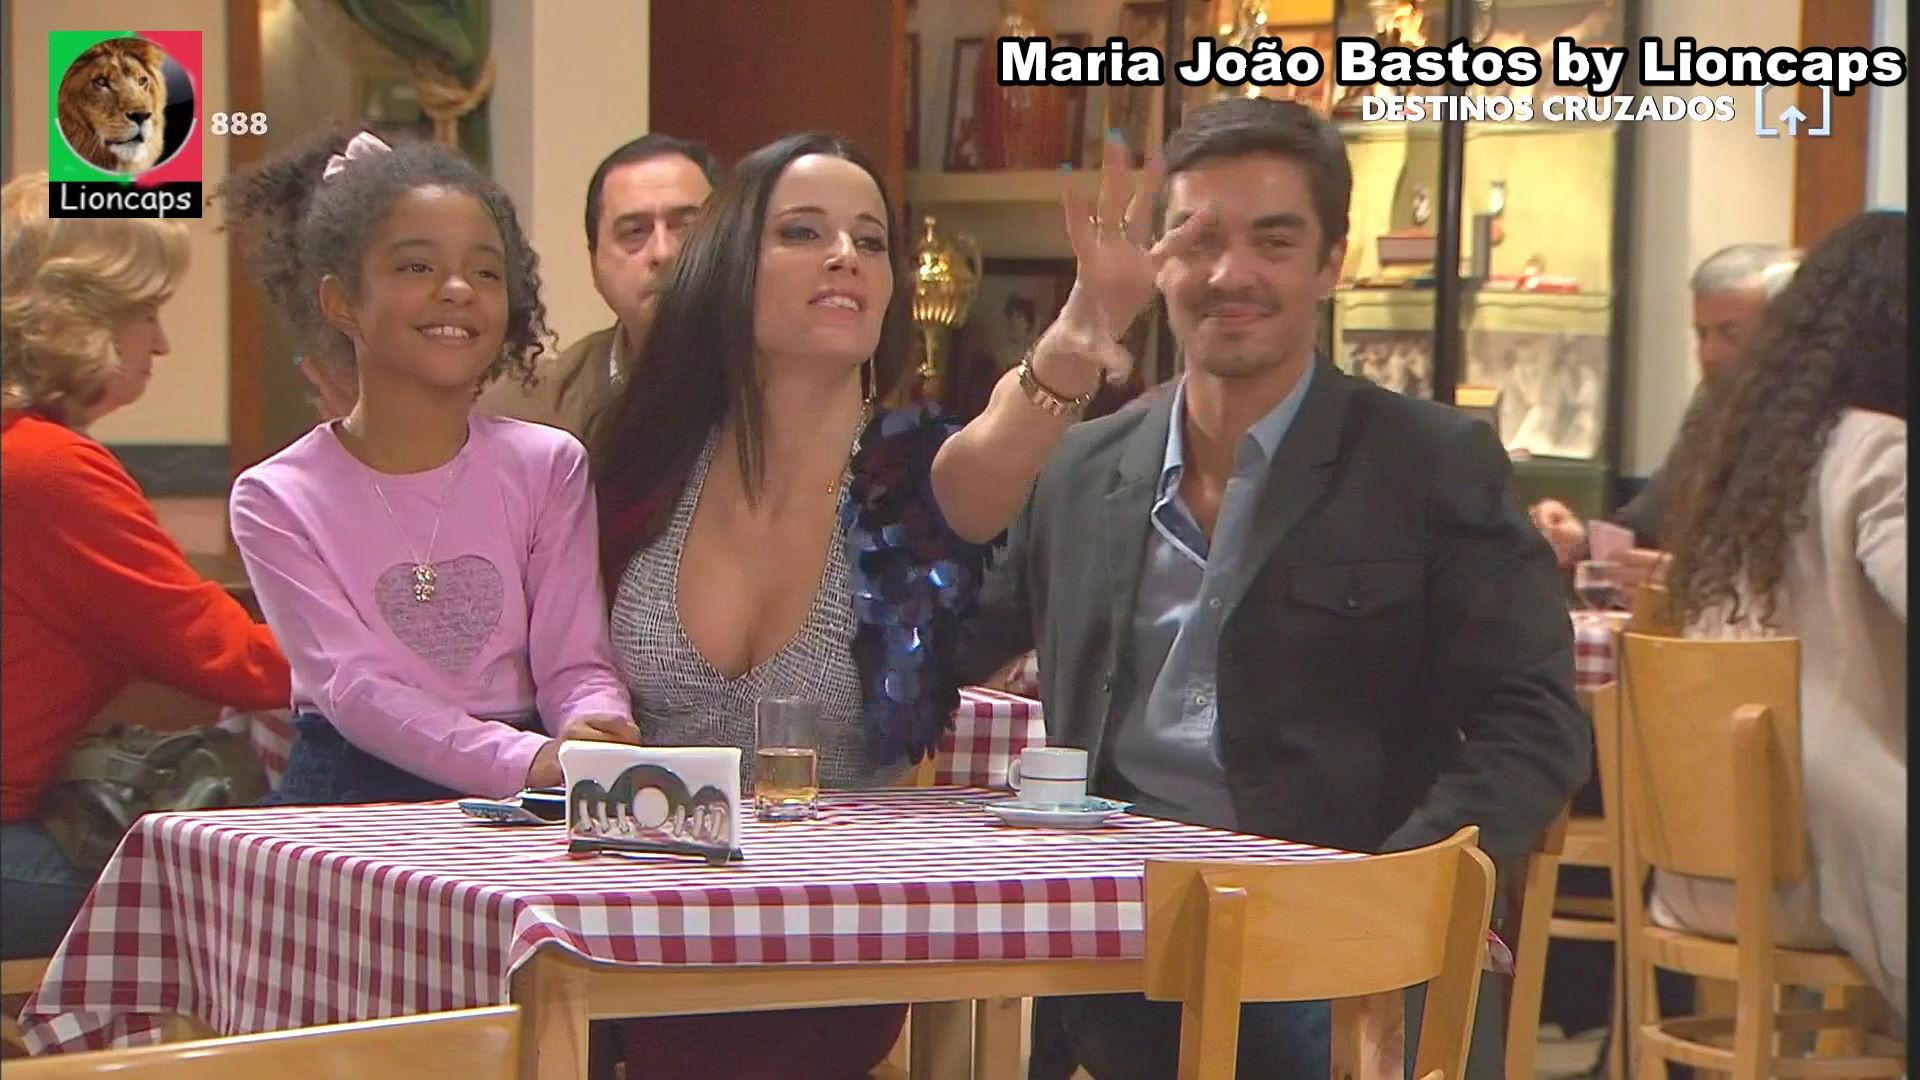 maria_joao_bastos_vs200604-001 (7).JPG